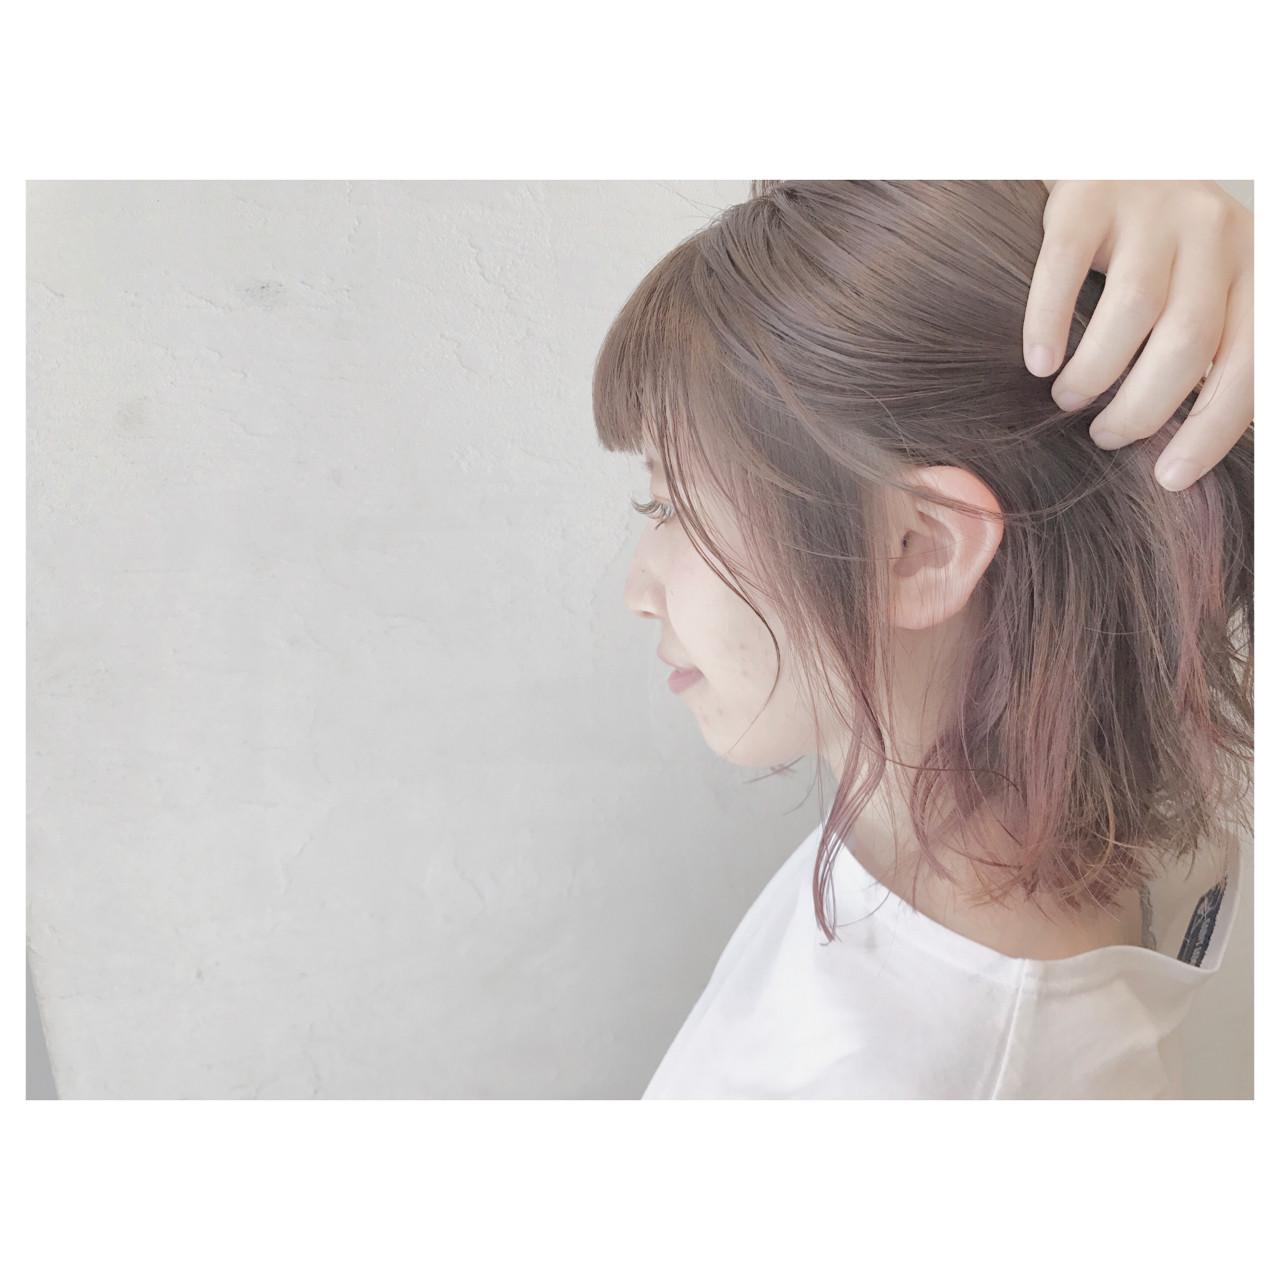 ウェーブ ストリート グラデーションカラー ボブ ヘアスタイルや髪型の写真・画像 | 落合 瞳 / freelance